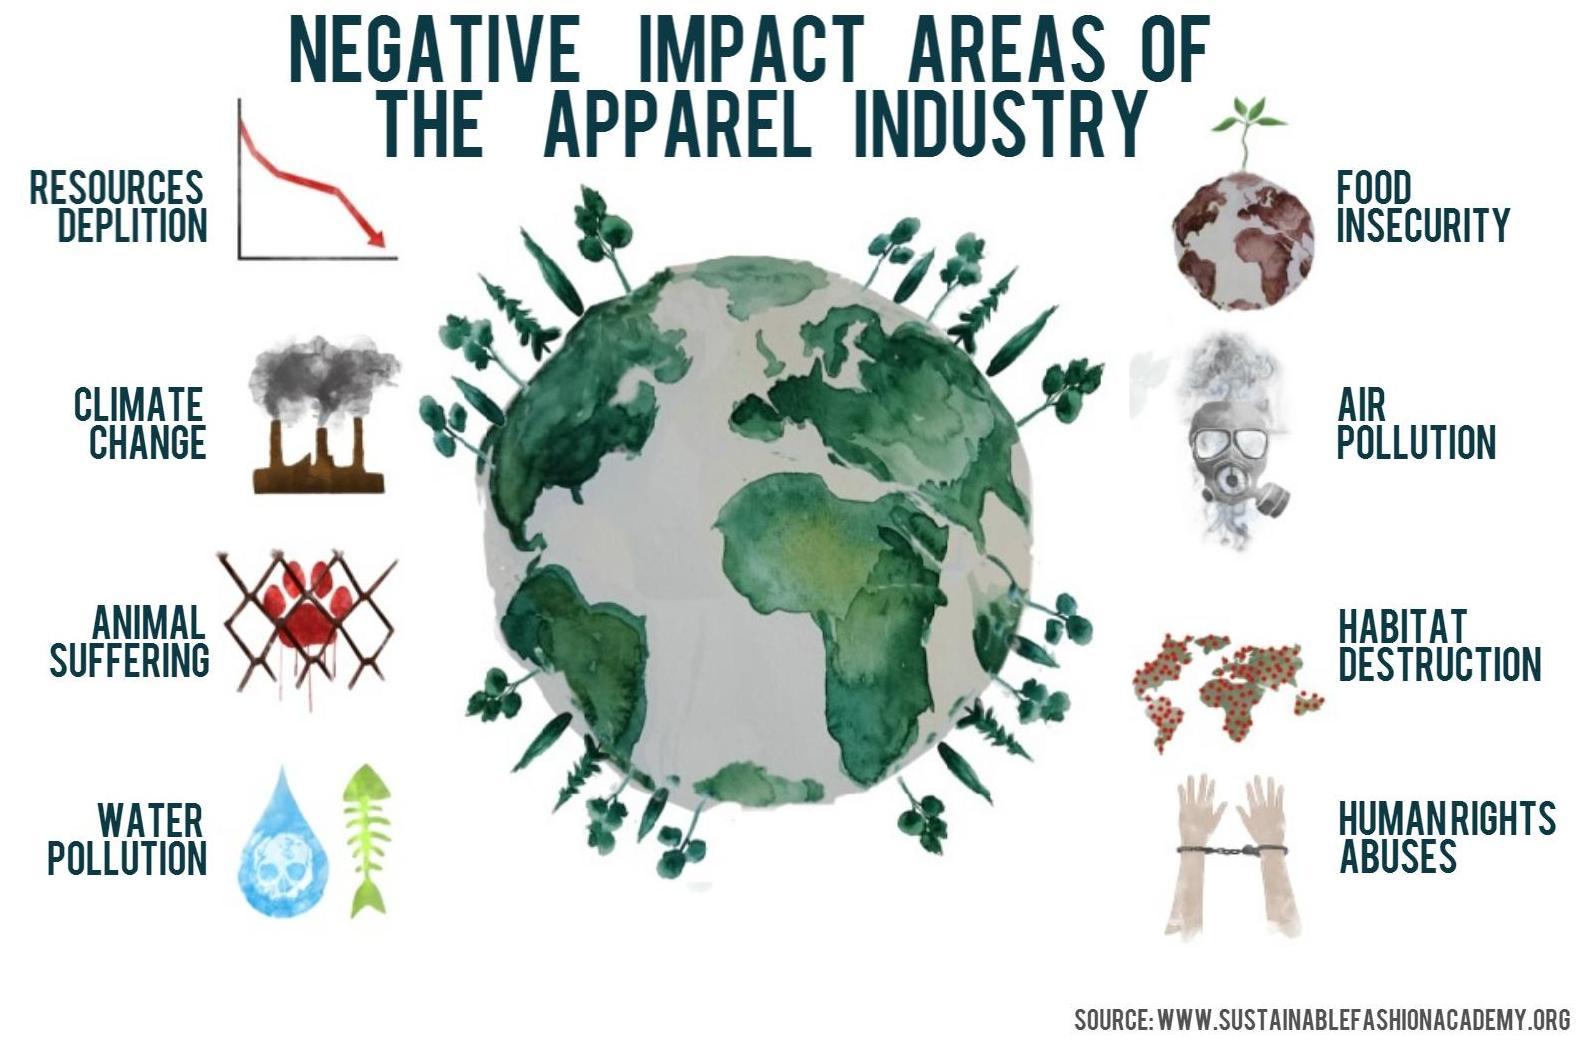 Image via Sustainable Fashion Academy